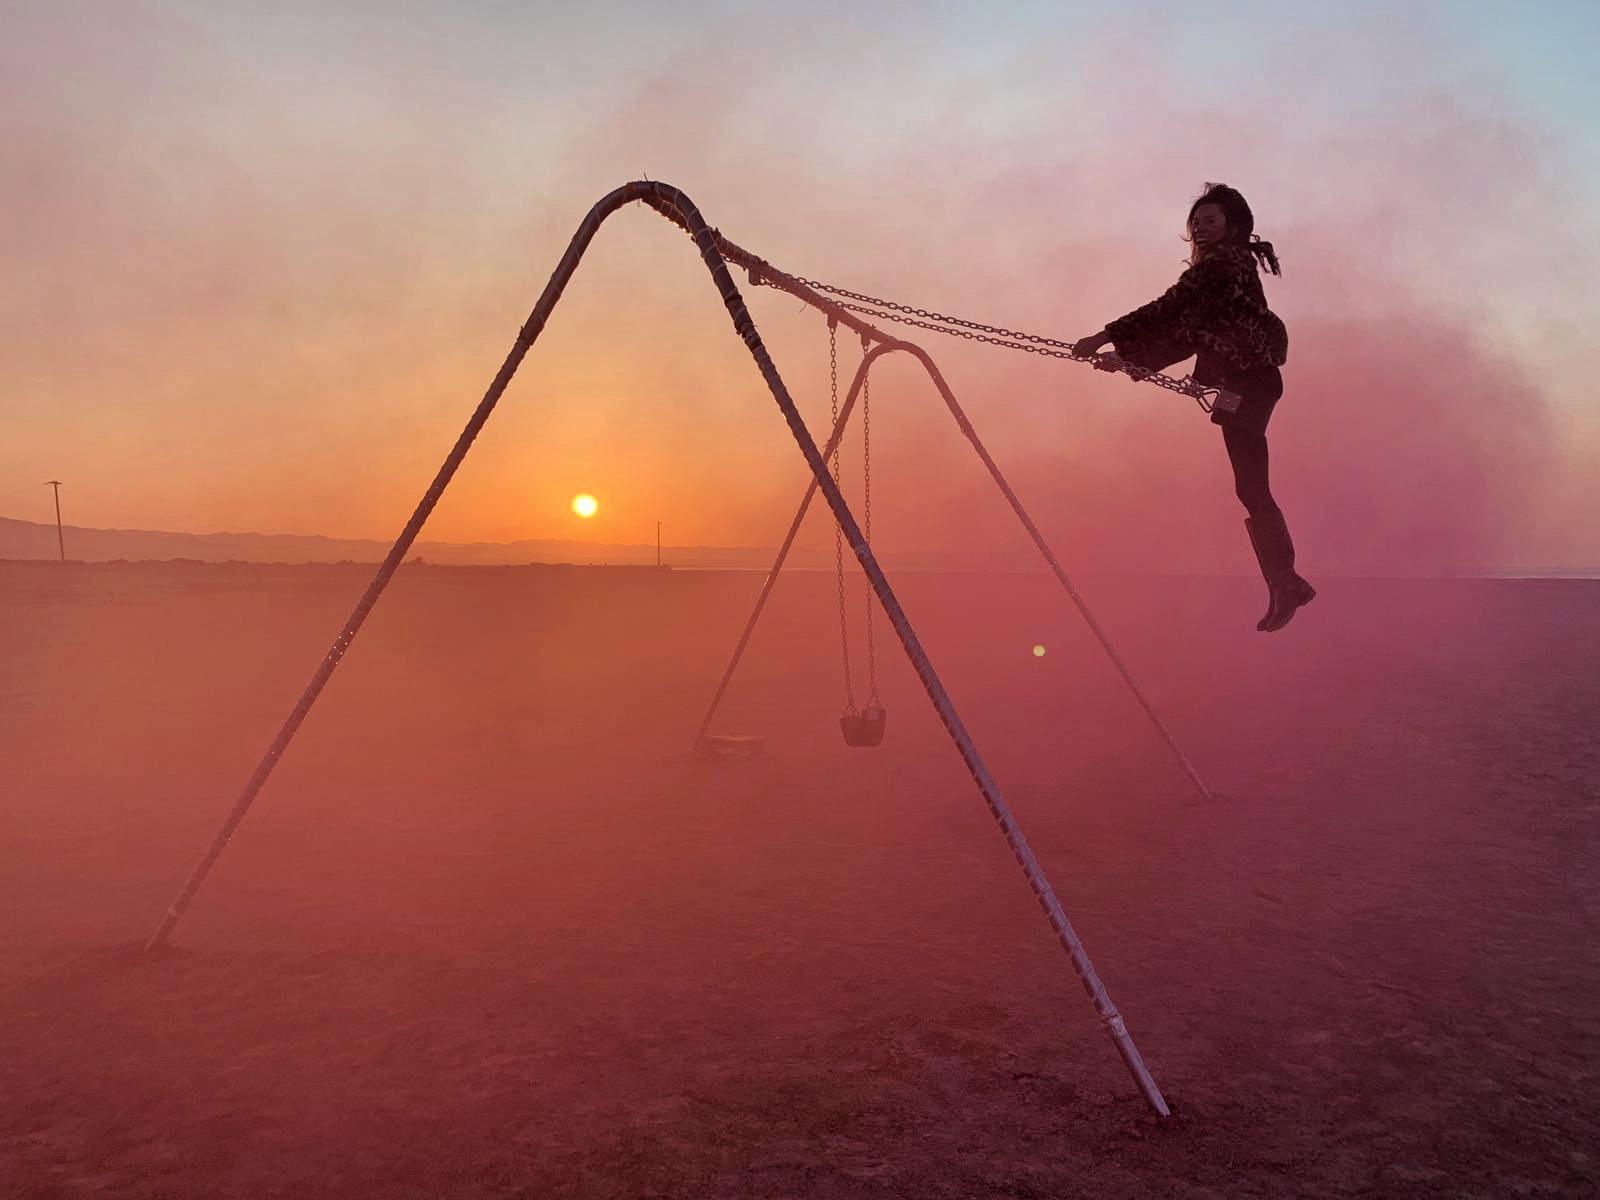 Swingers & Sliders Playground